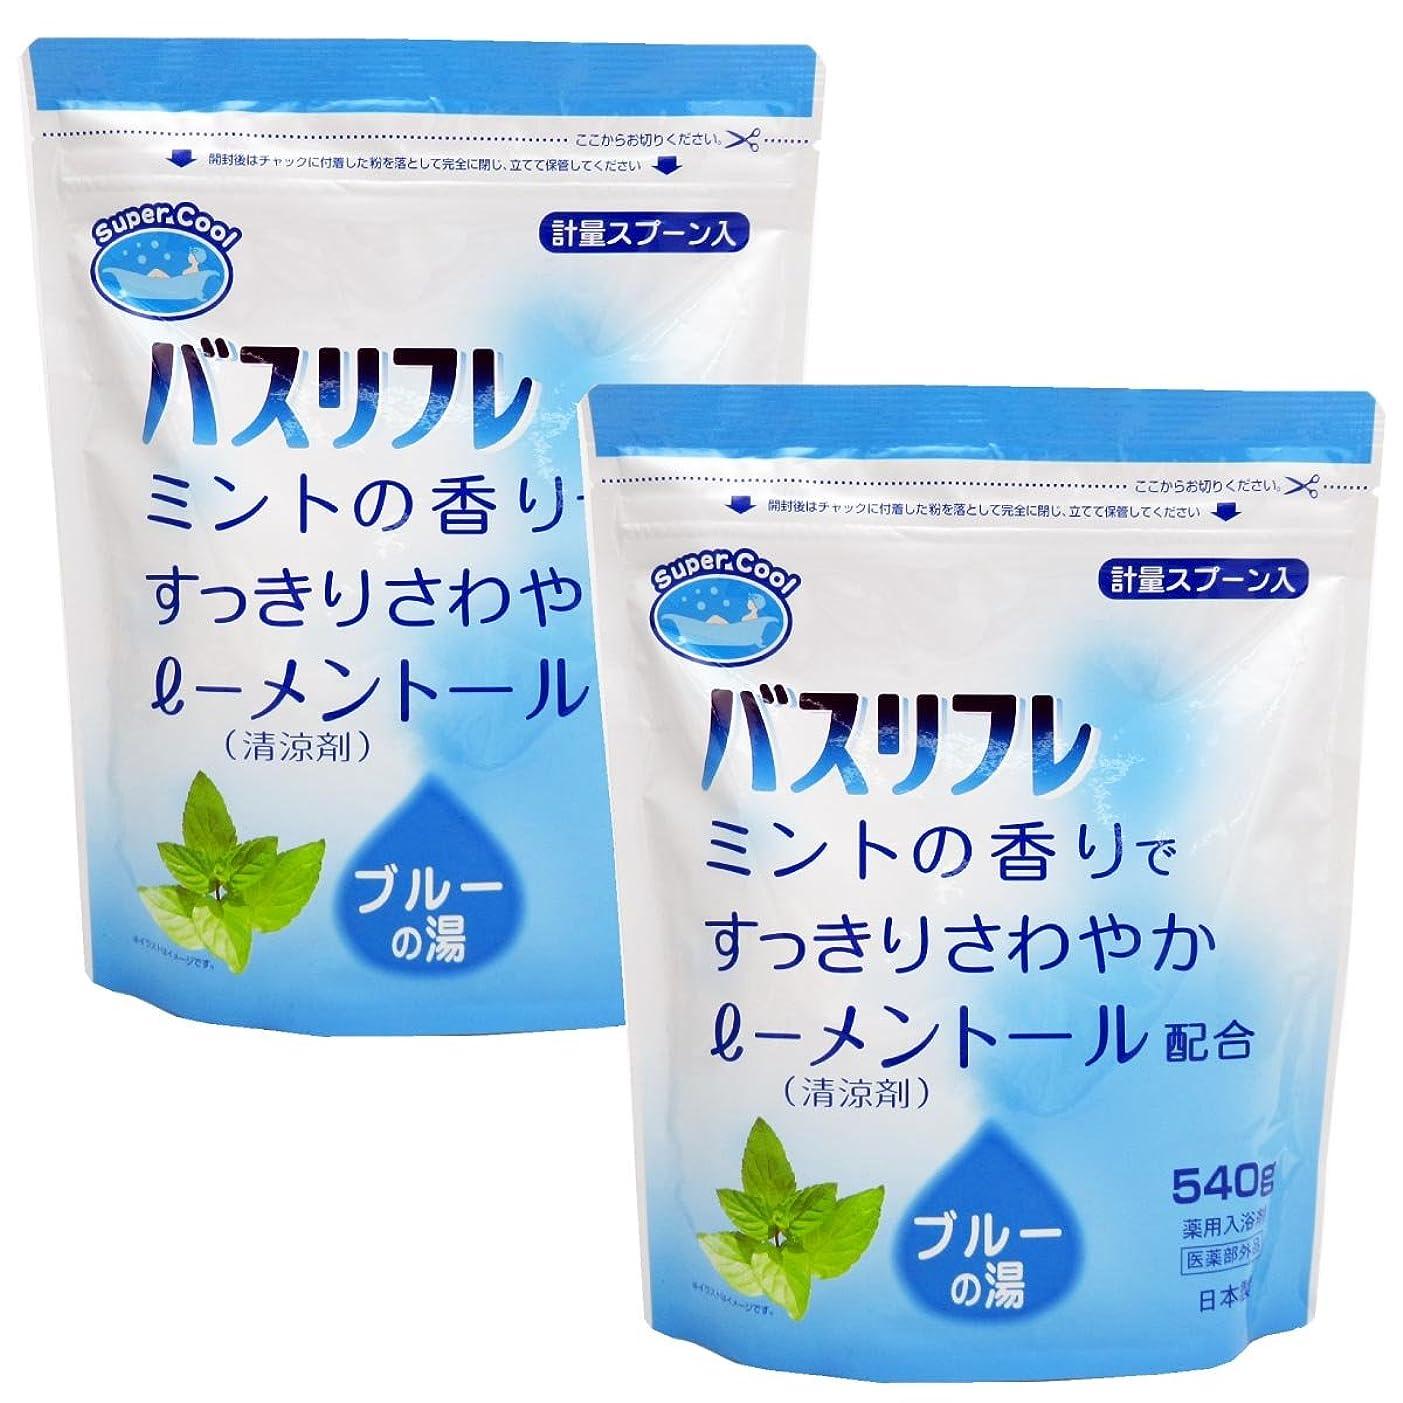 小石シャープたくさん入浴剤 クール 薬用入浴剤 バスリフレ スーパークール540g×2個セット 日本製